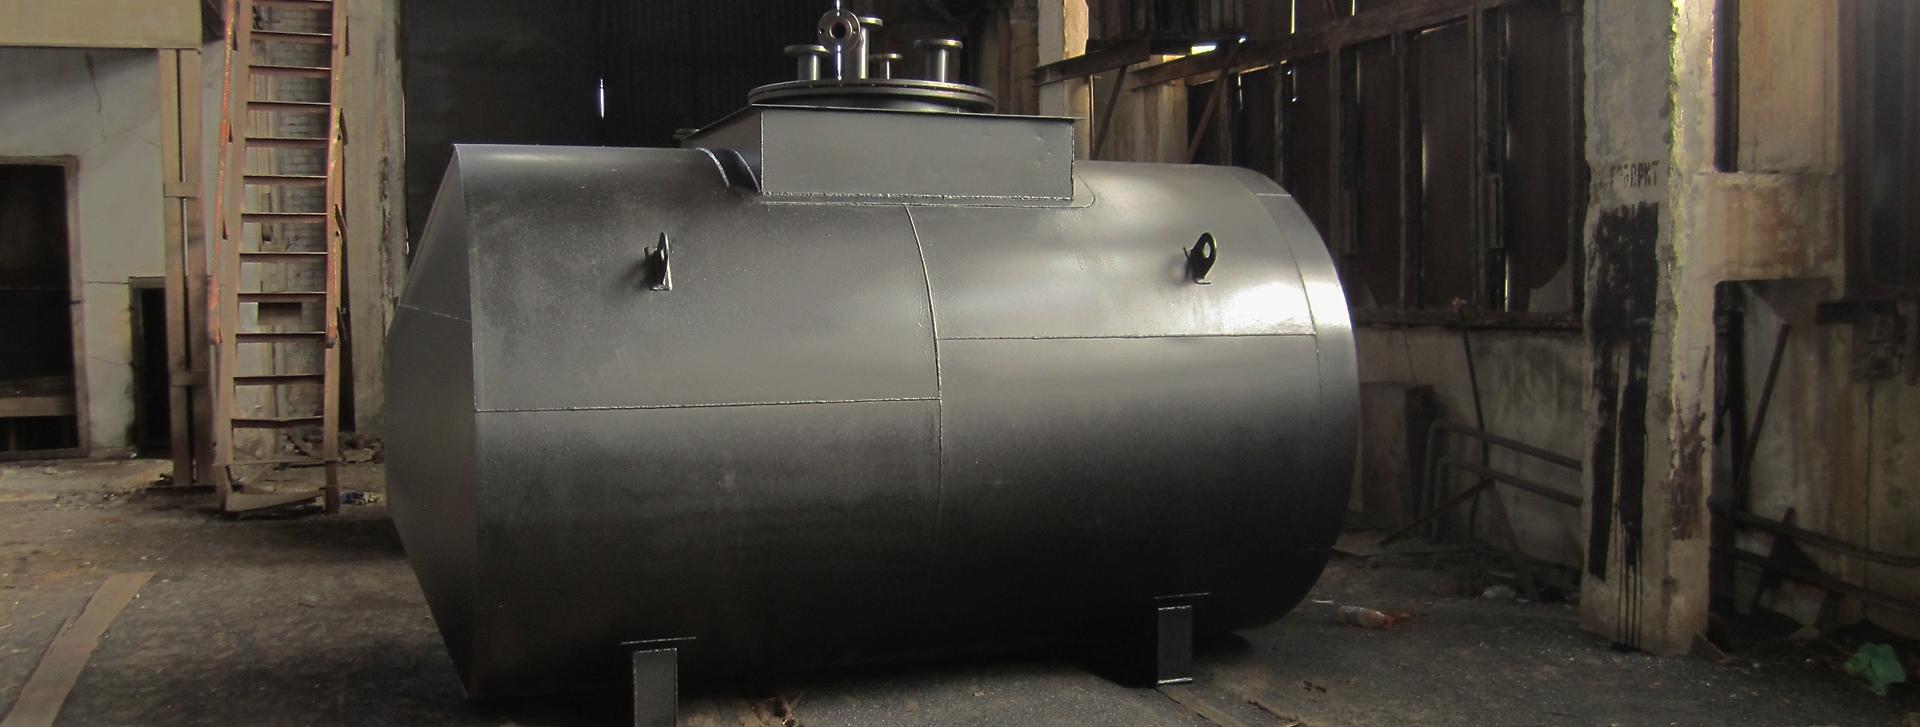 Двустенный горизонтальный резервуар РГСД-100